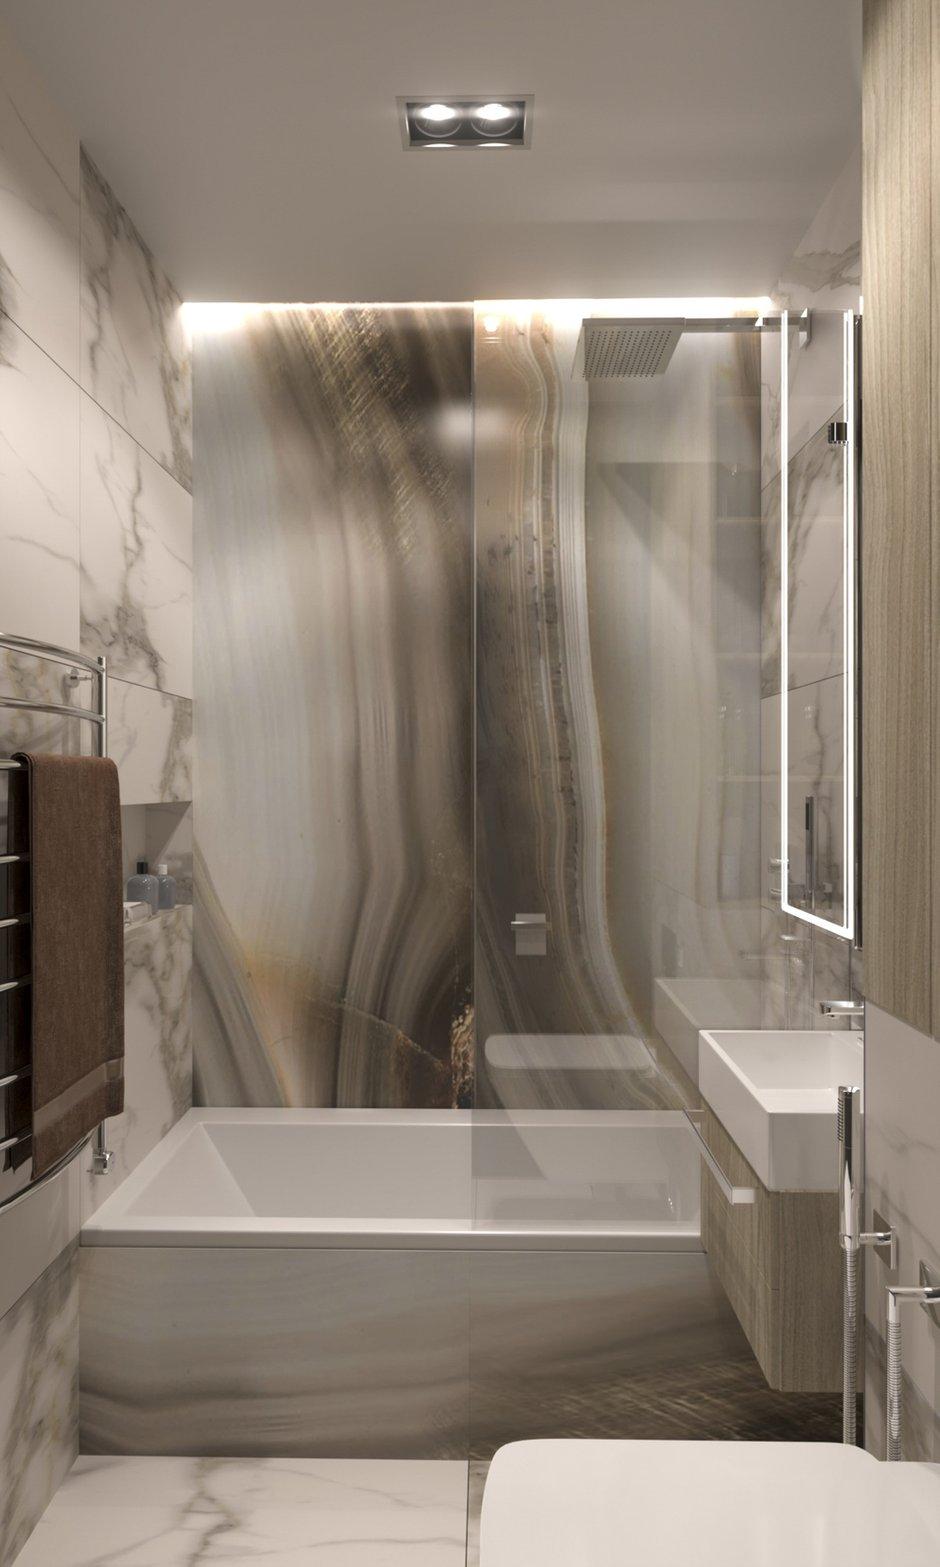 Фотография: Ванная в стиле Современный, Кухня и столовая, Гостиная, Спальня, Квартира, Проект недели, Бежевый, Серый, Коричневый, 3 комнаты, 60-90 метров, ПРЕМИЯ INMYROOM – фото на INMYROOM